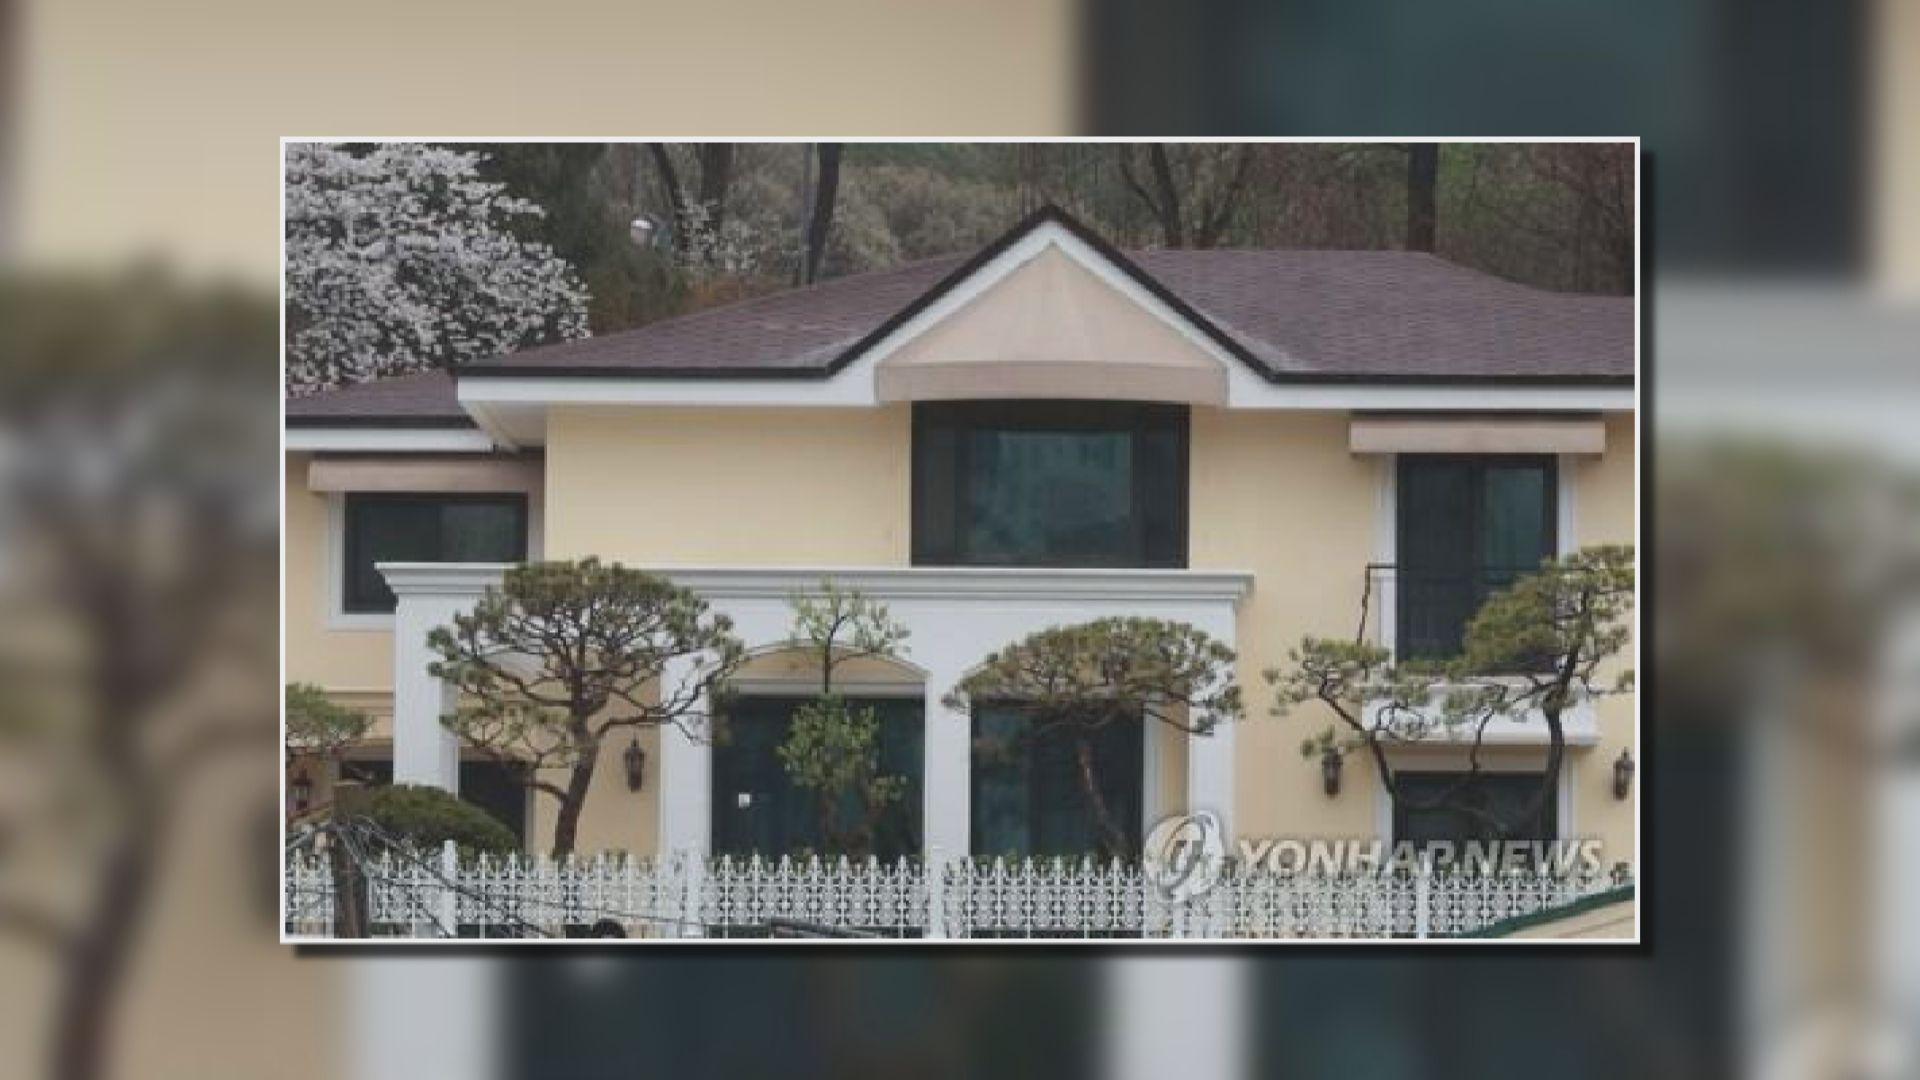 【環球薈報】南韓前總統朴槿惠豪宅被強制拍賣